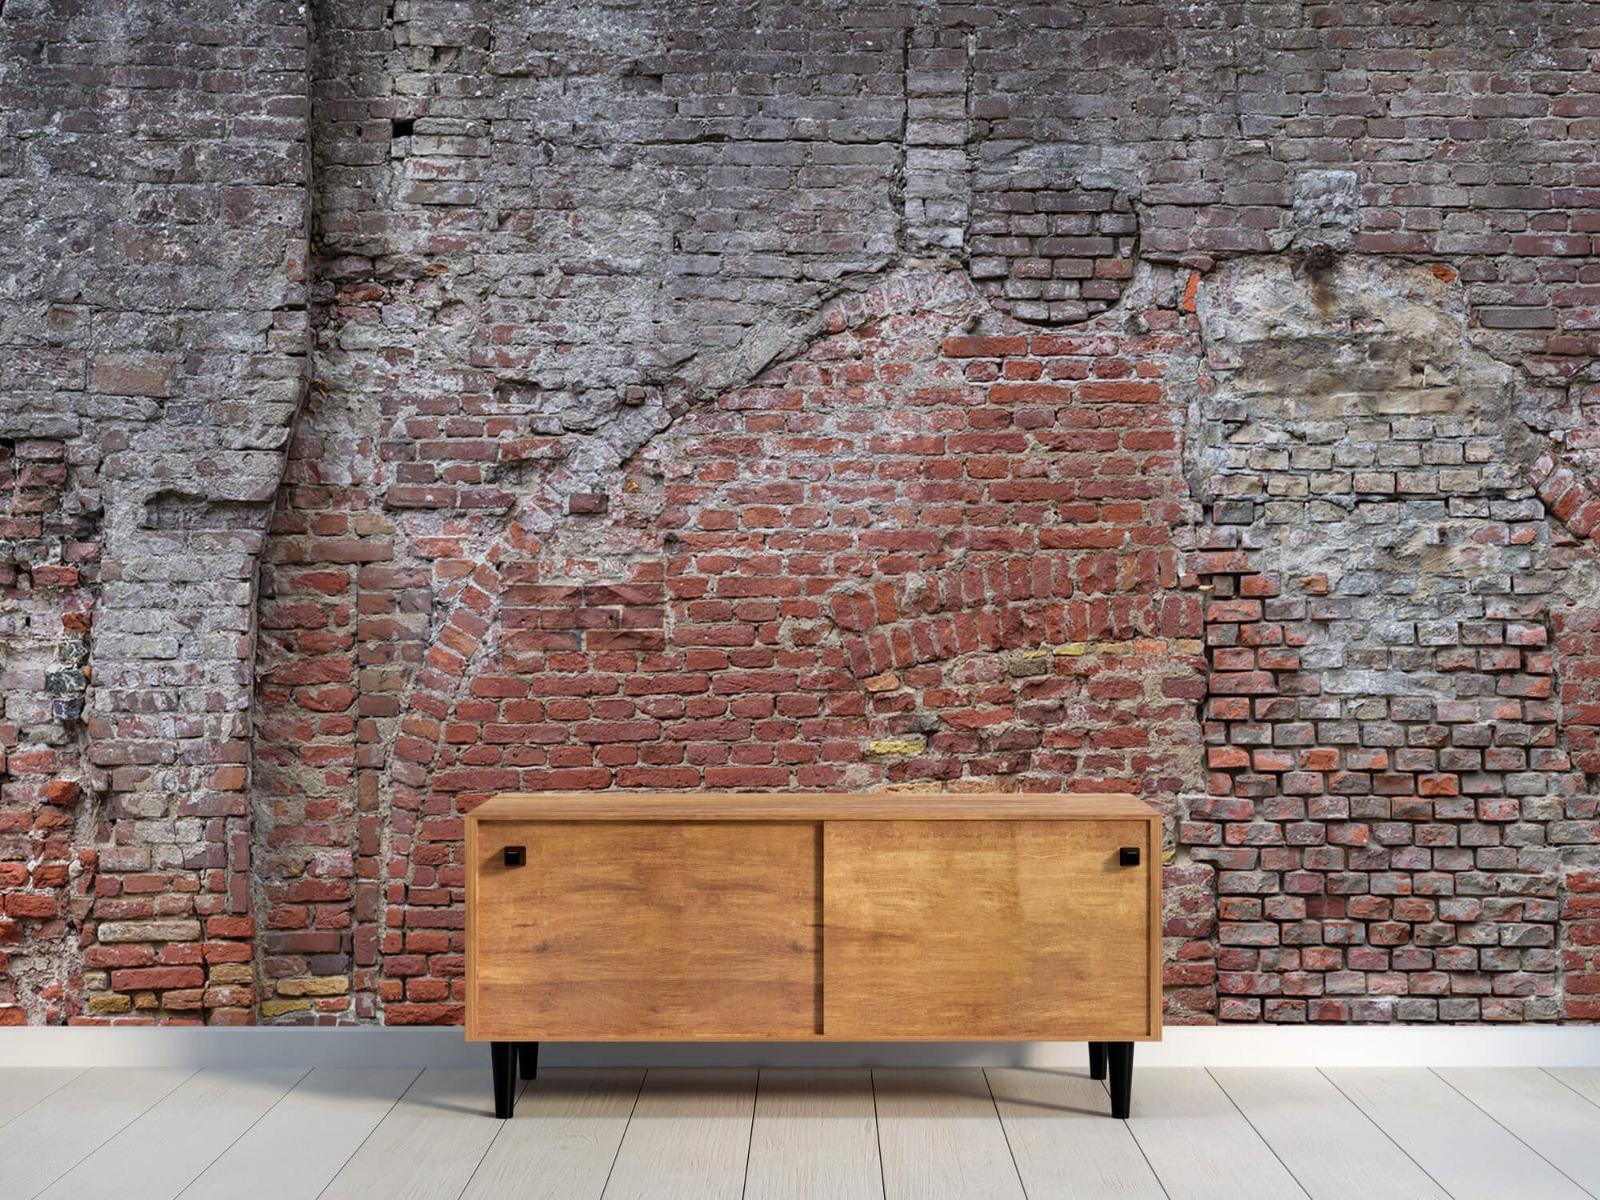 Steen behang - Oude herstelde stadsmuur - Tienerkamer 9